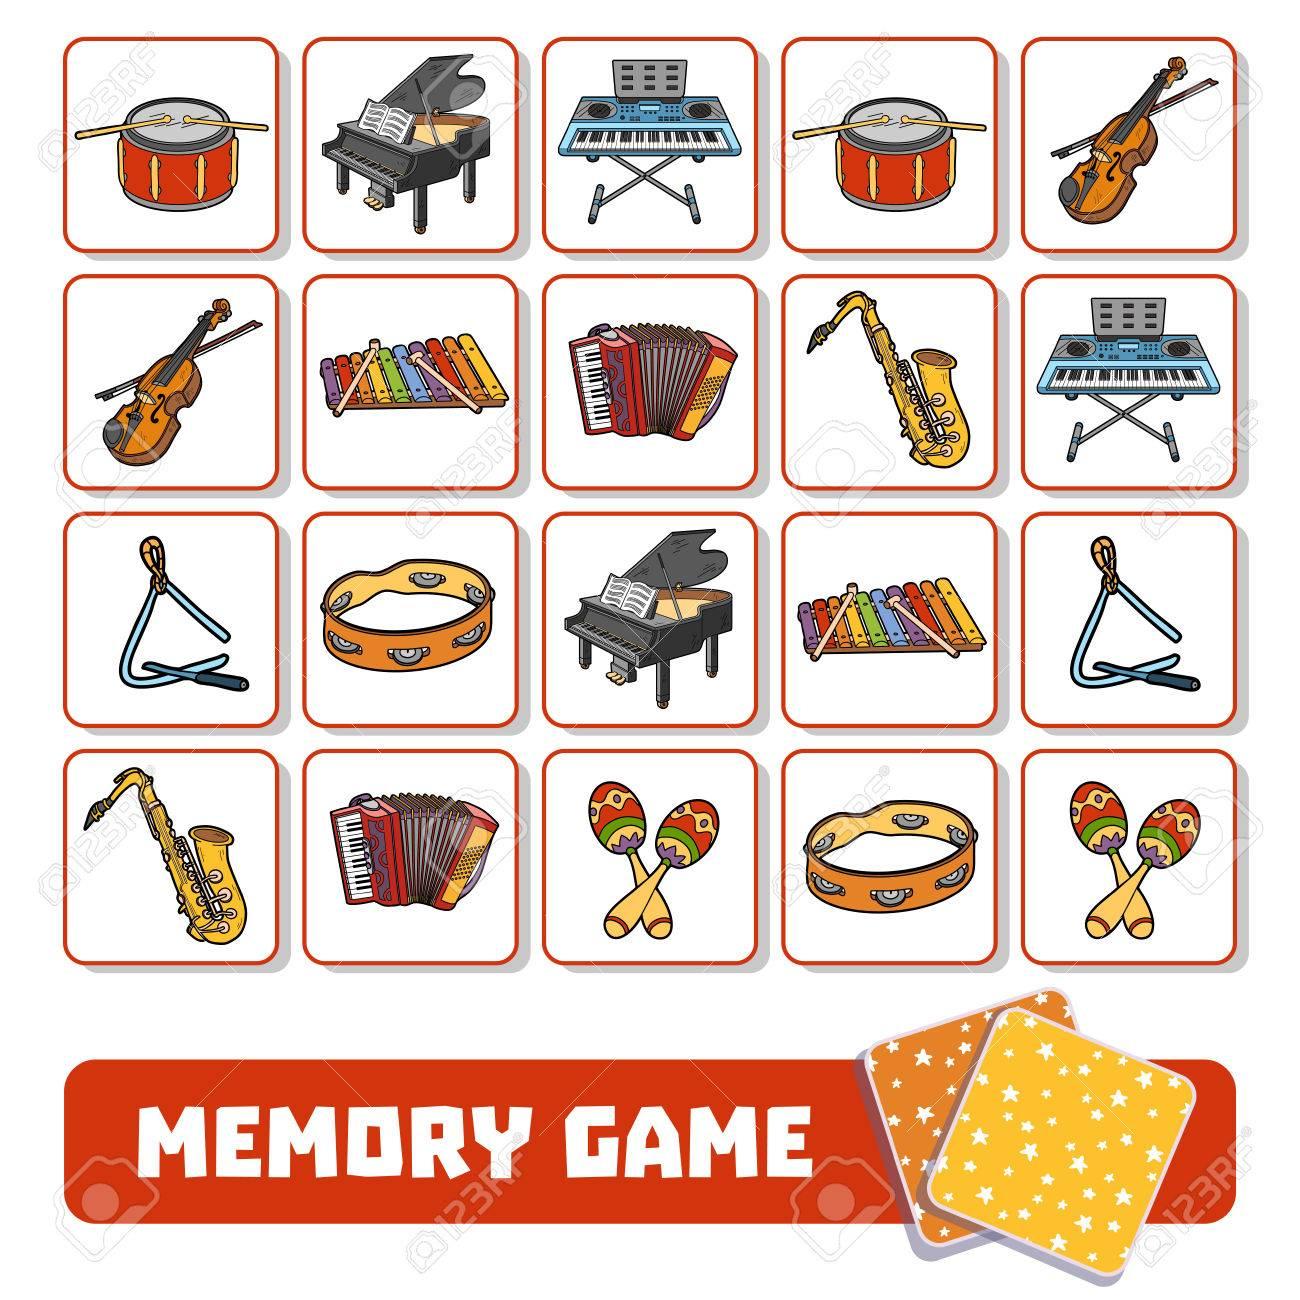 Jeu De Mémoire Pour Enfants D'âge Préscolaire, Cartes Vectorielles Avec  Instruments De Musique intérieur Jeux Memoire Enfant